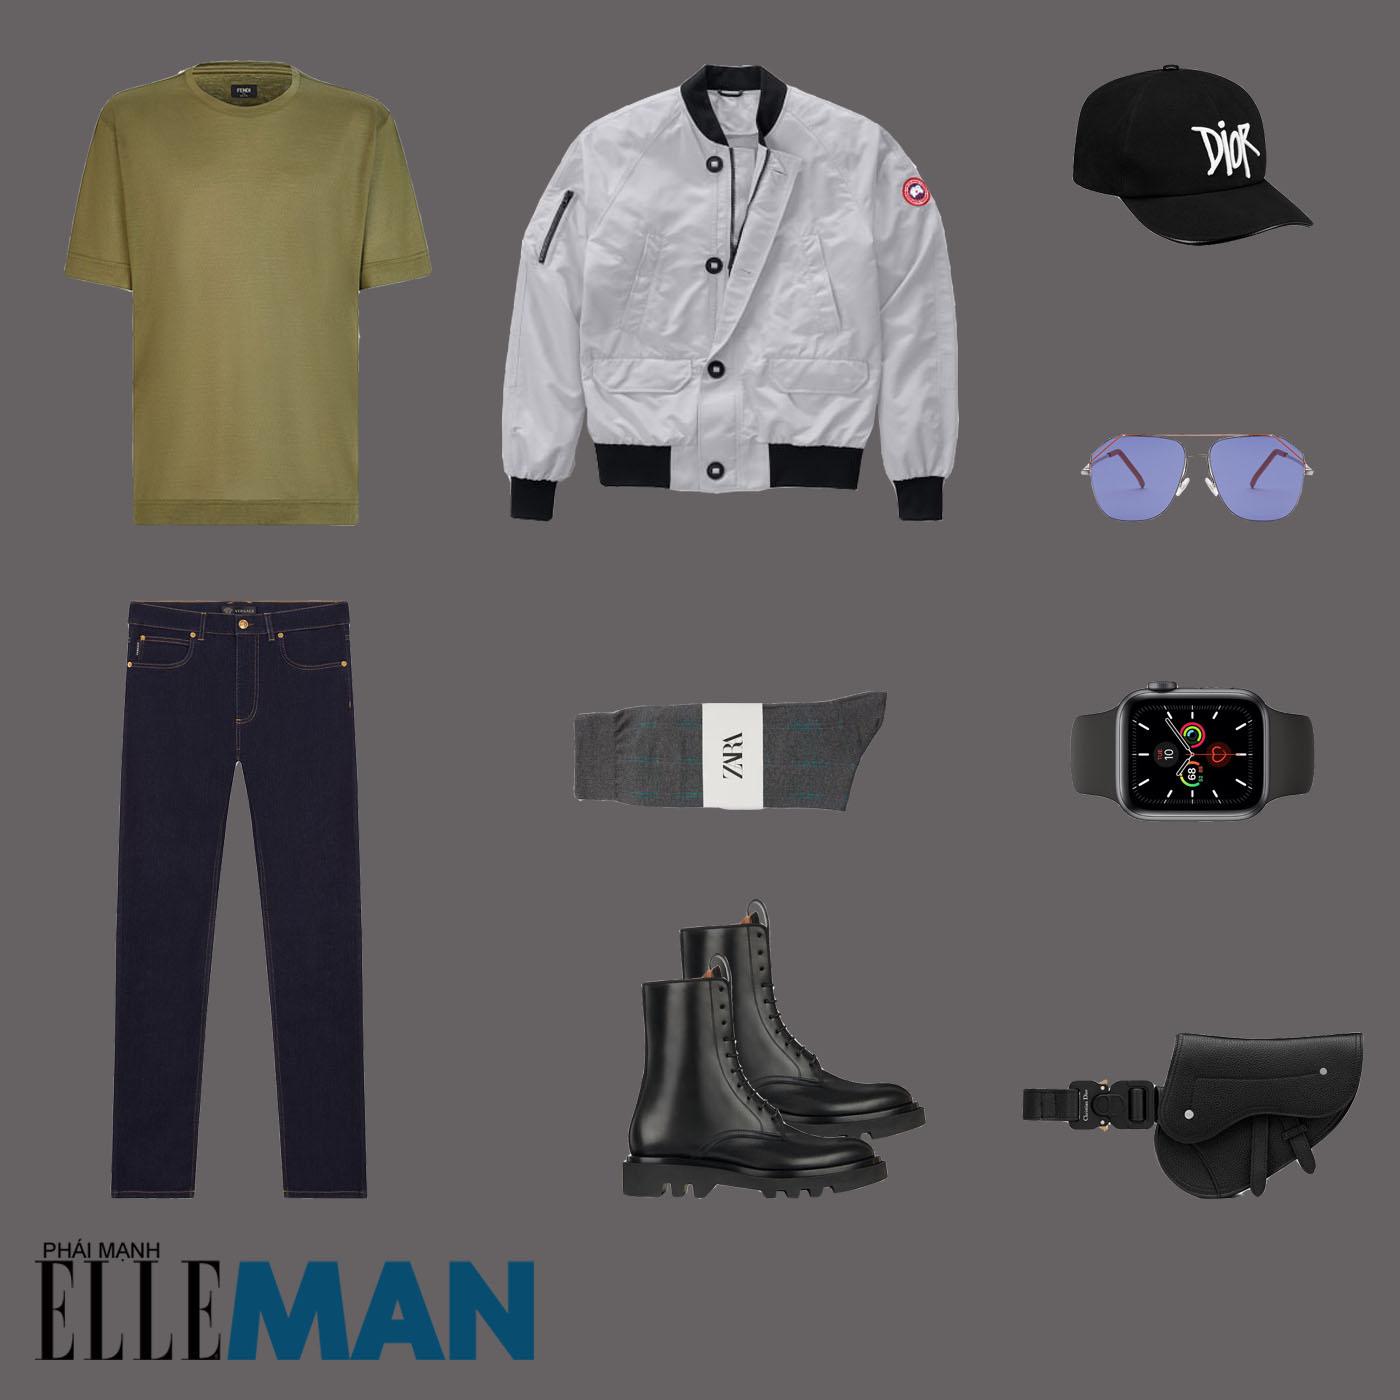 outfit 5 - phối đồ mùa mưa